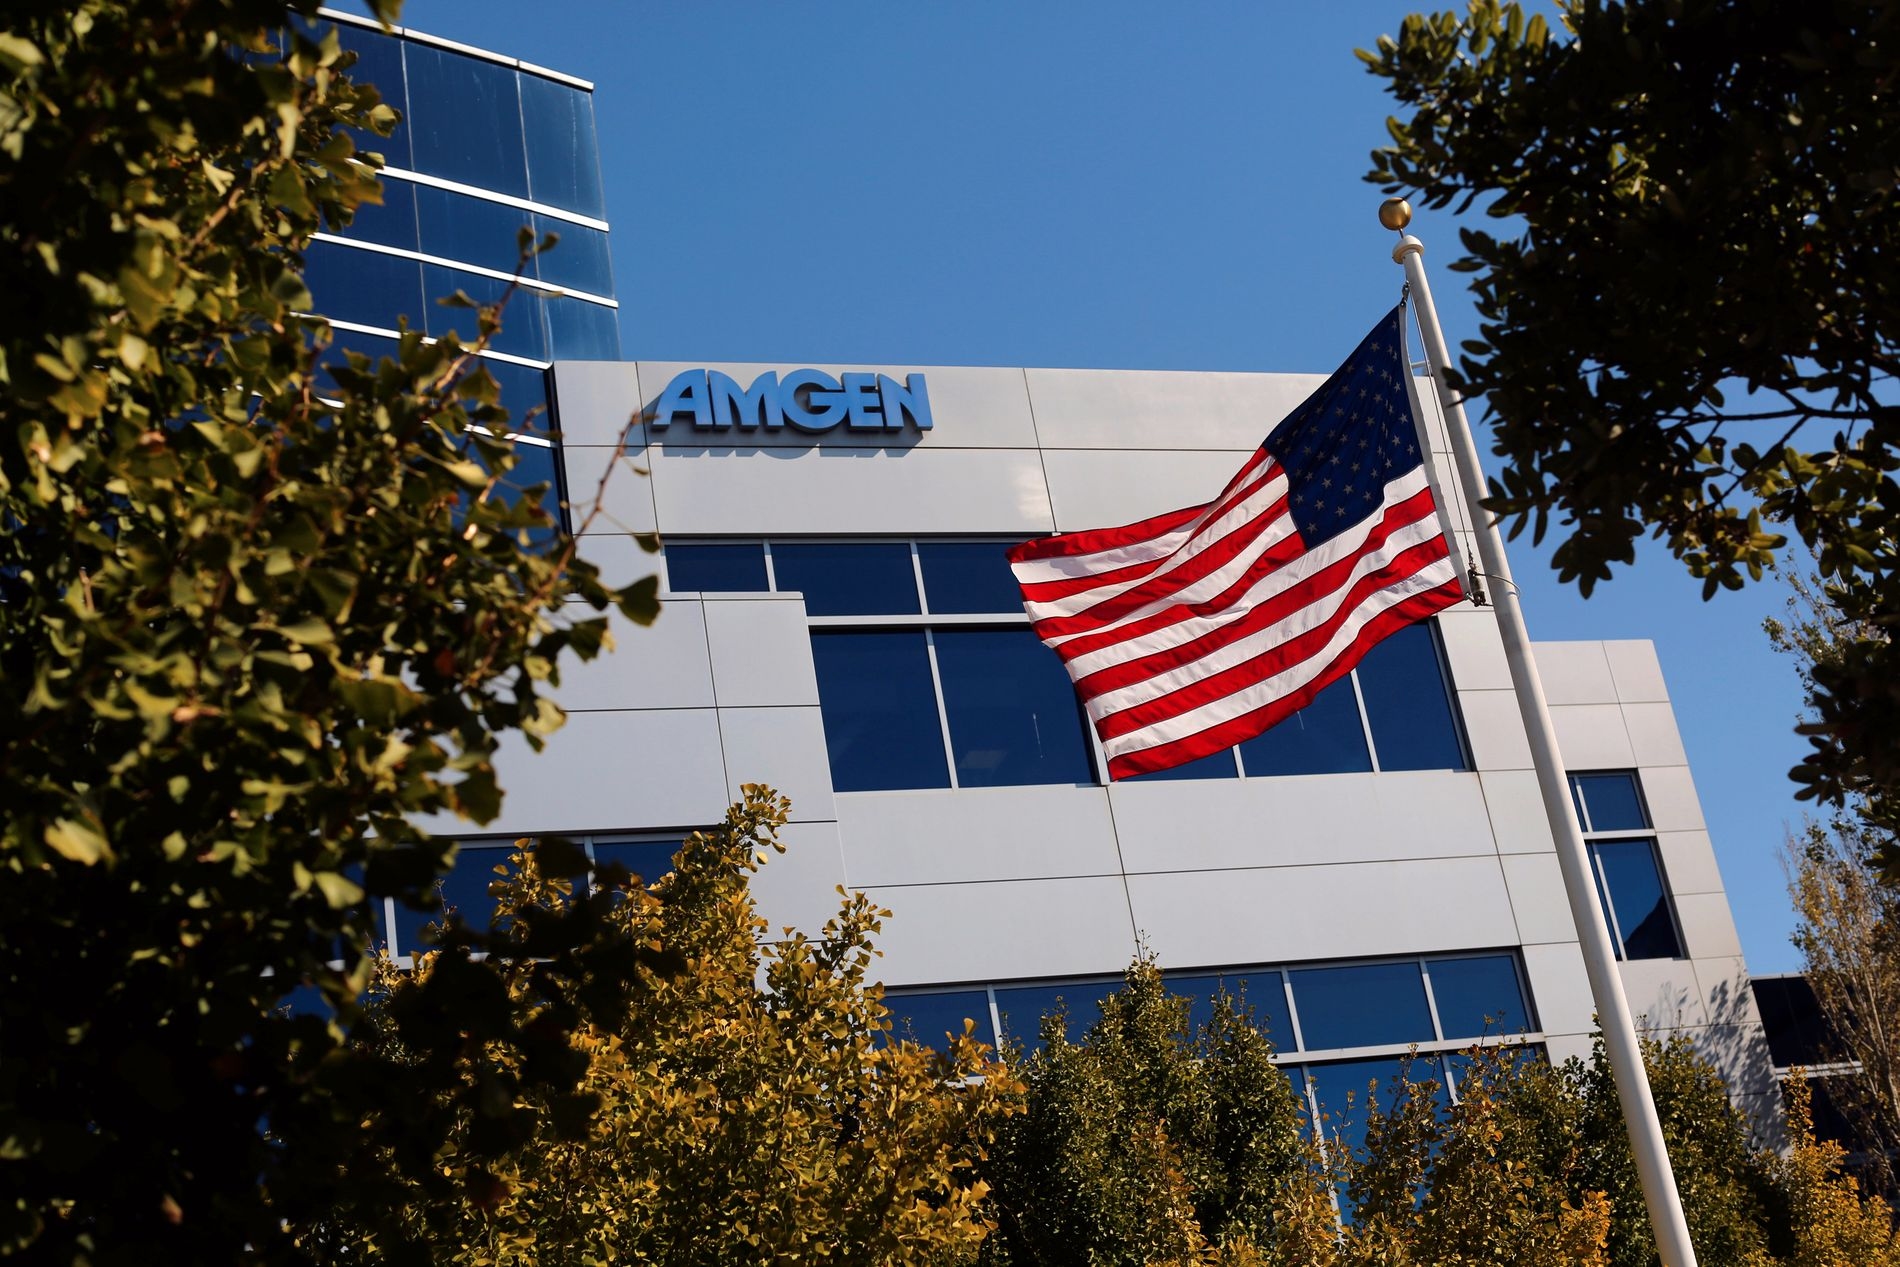 STÅR BAK: Selskapet Amgens kontorer i den amerikanske byen San Francisco i California.